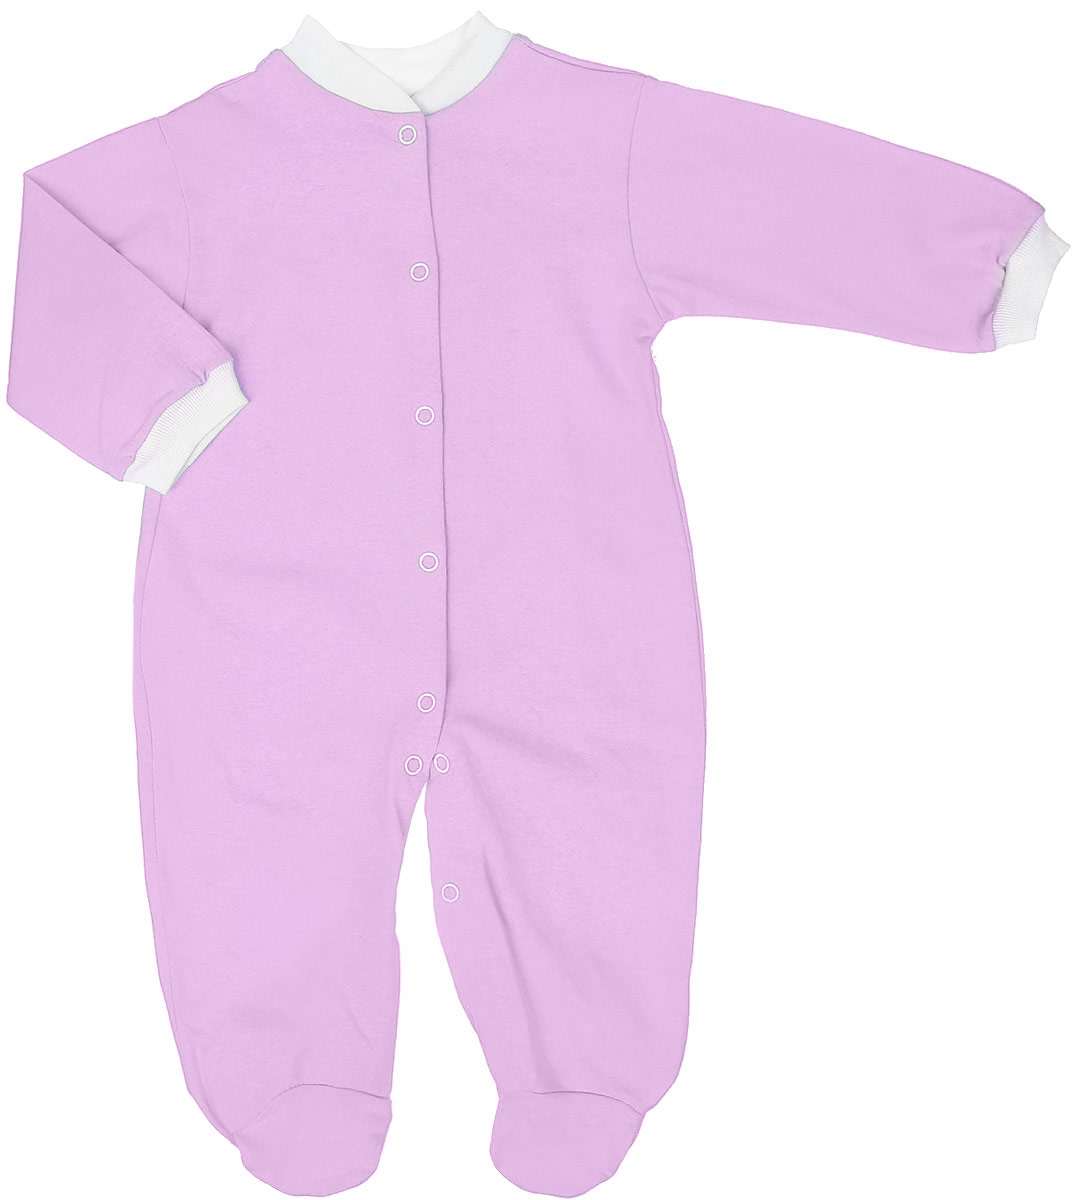 Комбинезон детский Чудесные одежки, цвет: розовый. 5801. Размер 805801Удобный детский комбинезон Чудесные одежки выполнен из натурального хлопка.Комбинезон с небольшим воротничком-стойкой, длинными рукавами и закрытыми ножками имеет застежки-кнопки спереди и на ластовице, которые помогают легко переодеть младенца или сменить подгузник. Воротничок и манжеты на рукавах выполнены из трикотажной эластичной резинки. Изделие оформлено в лаконичном дизайне.